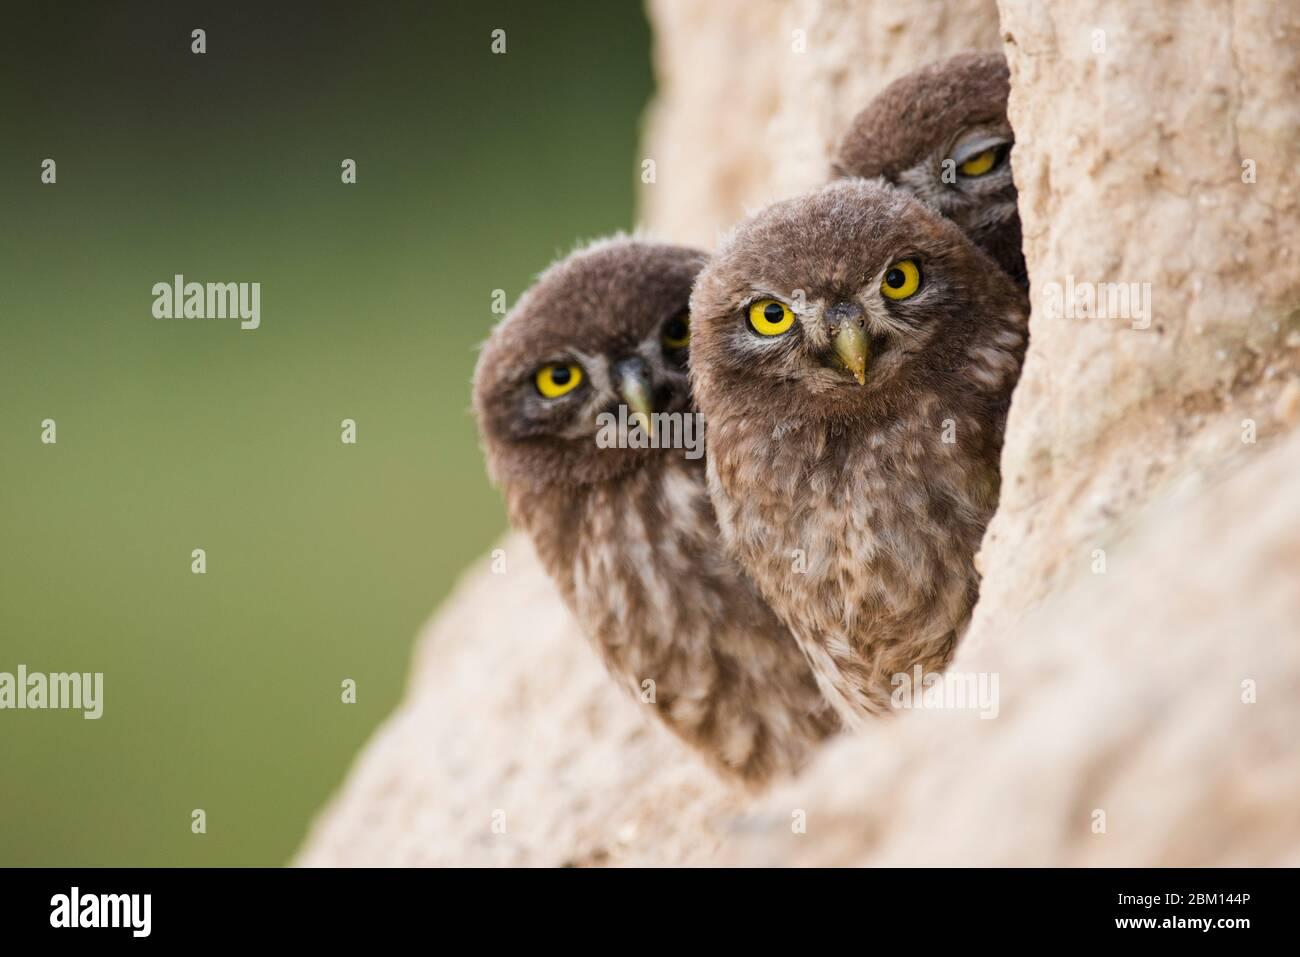 Tre piccoli gufi che sbucciavano dal suo buco e guardavano la macchina fotografica. Foto Stock